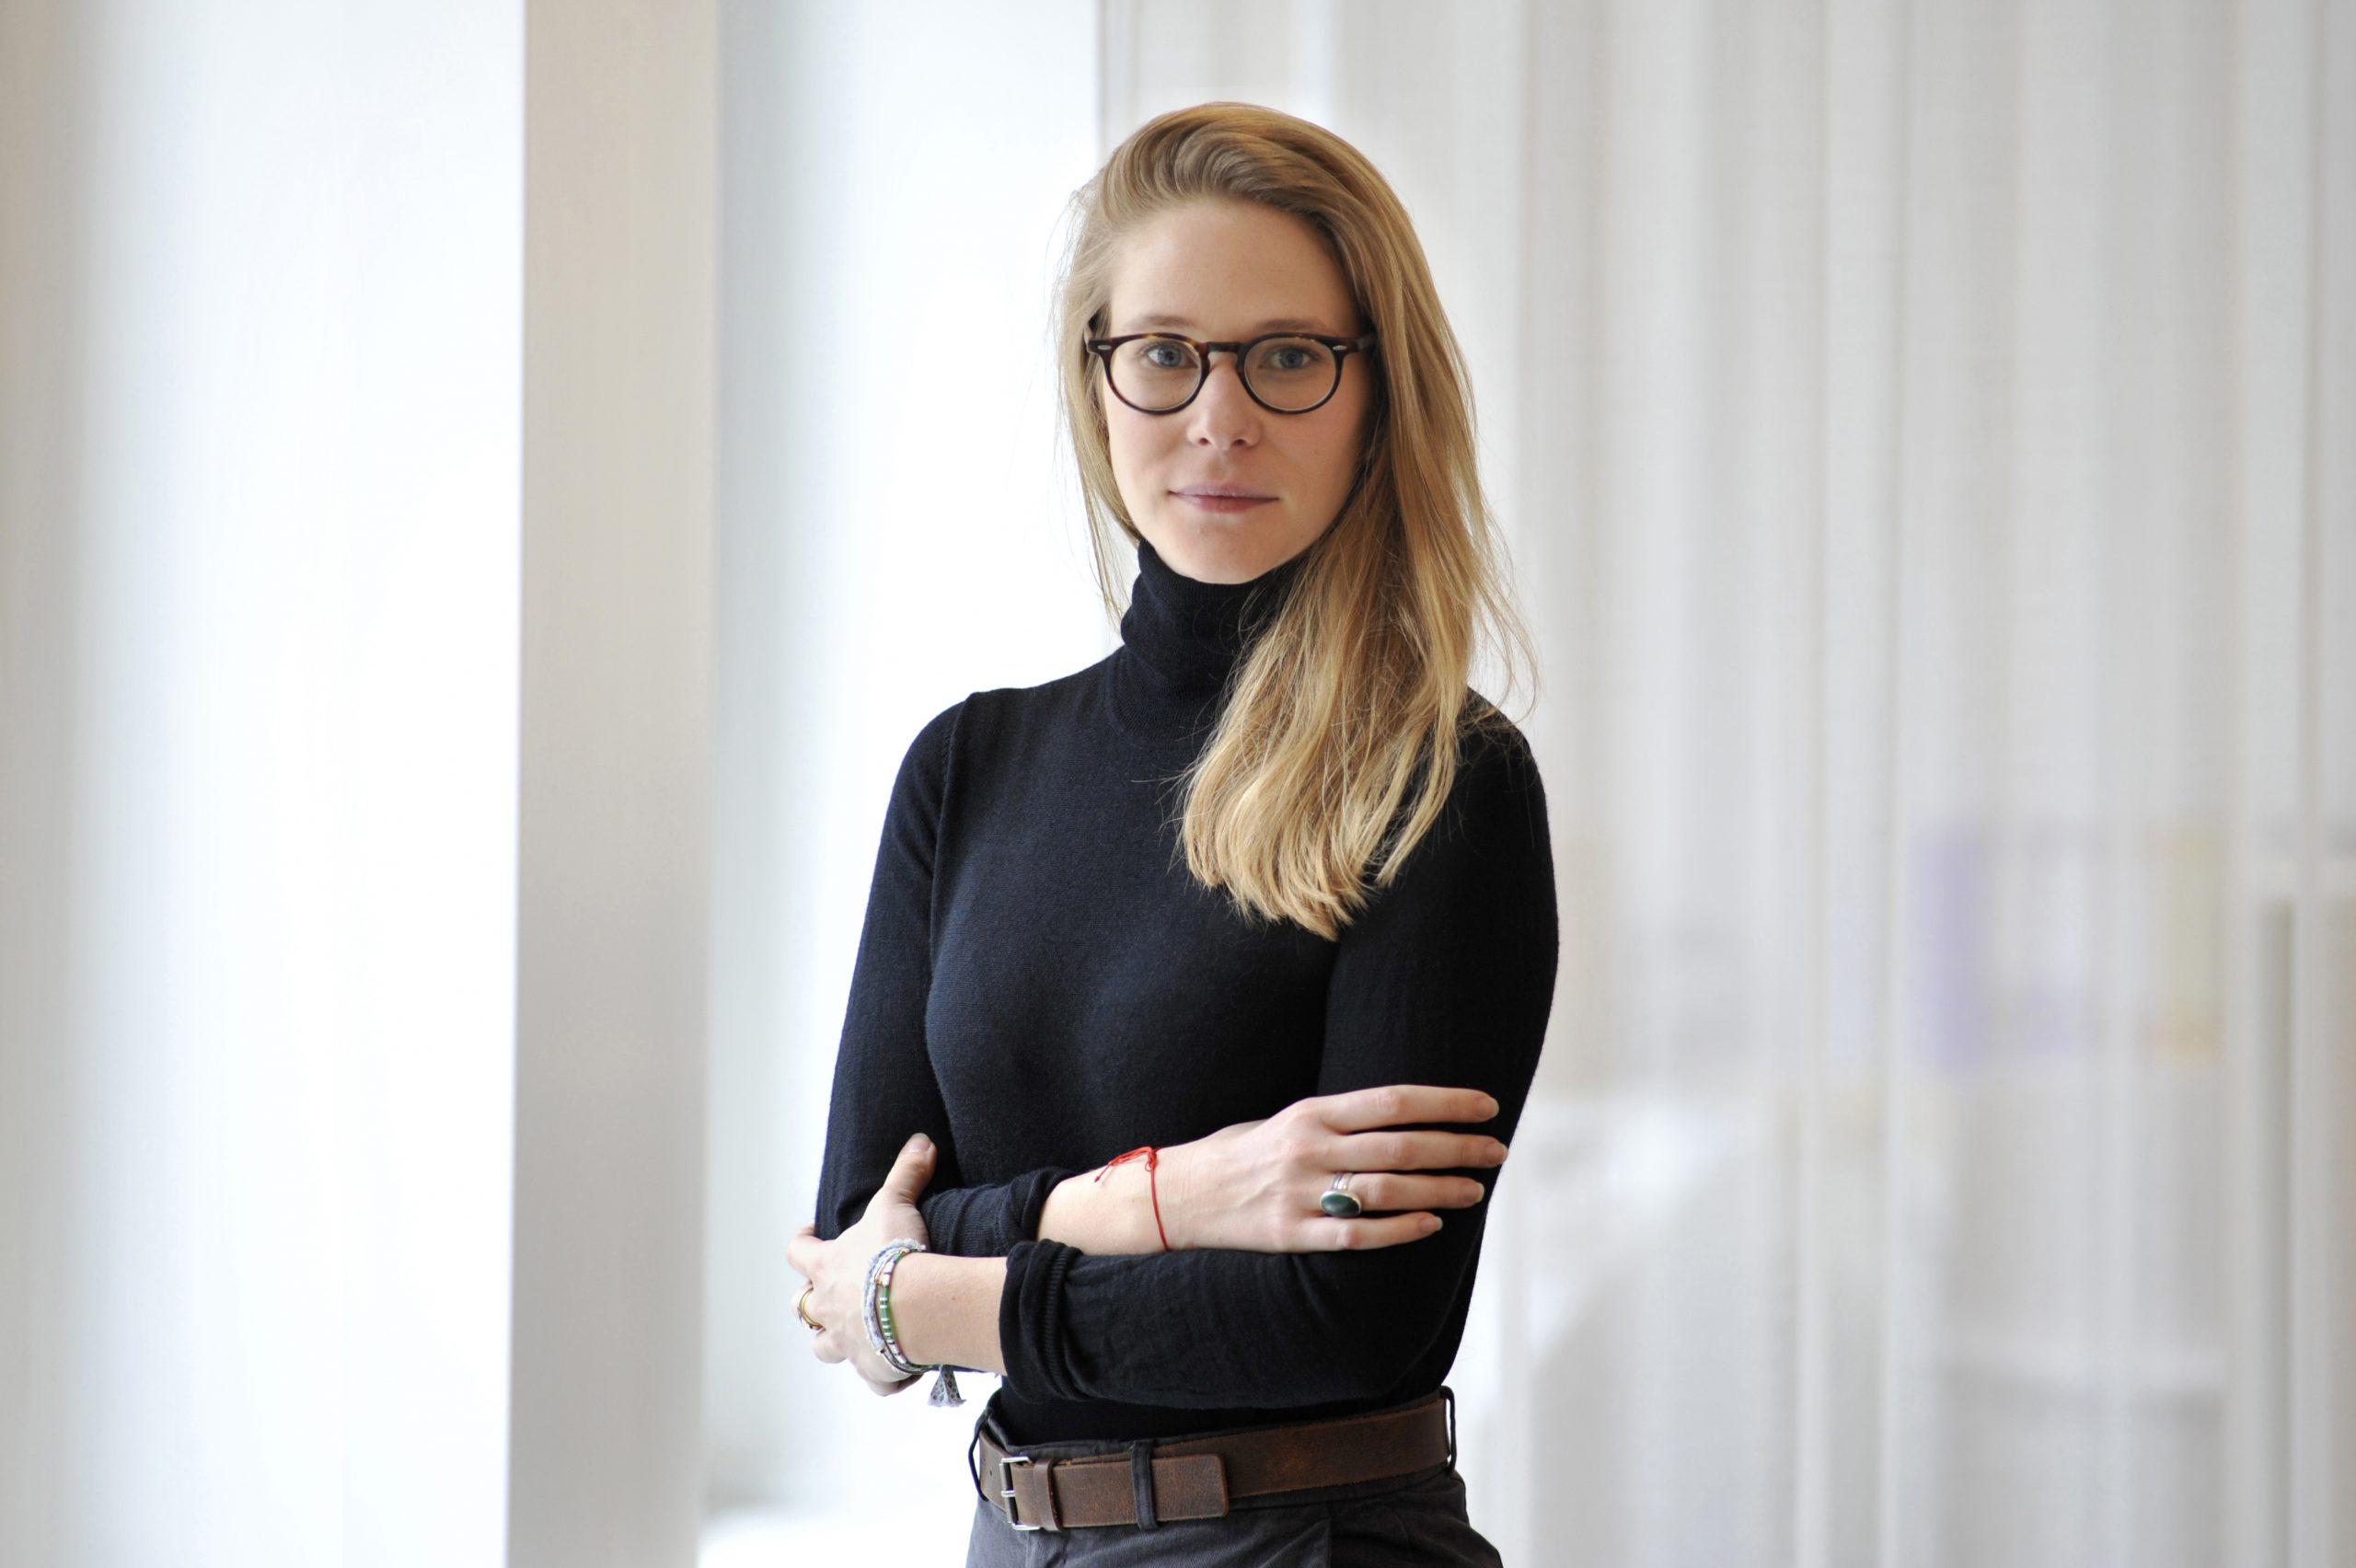 Morgan Maziol nommée Directrice de la Stratégie d'Hylink France